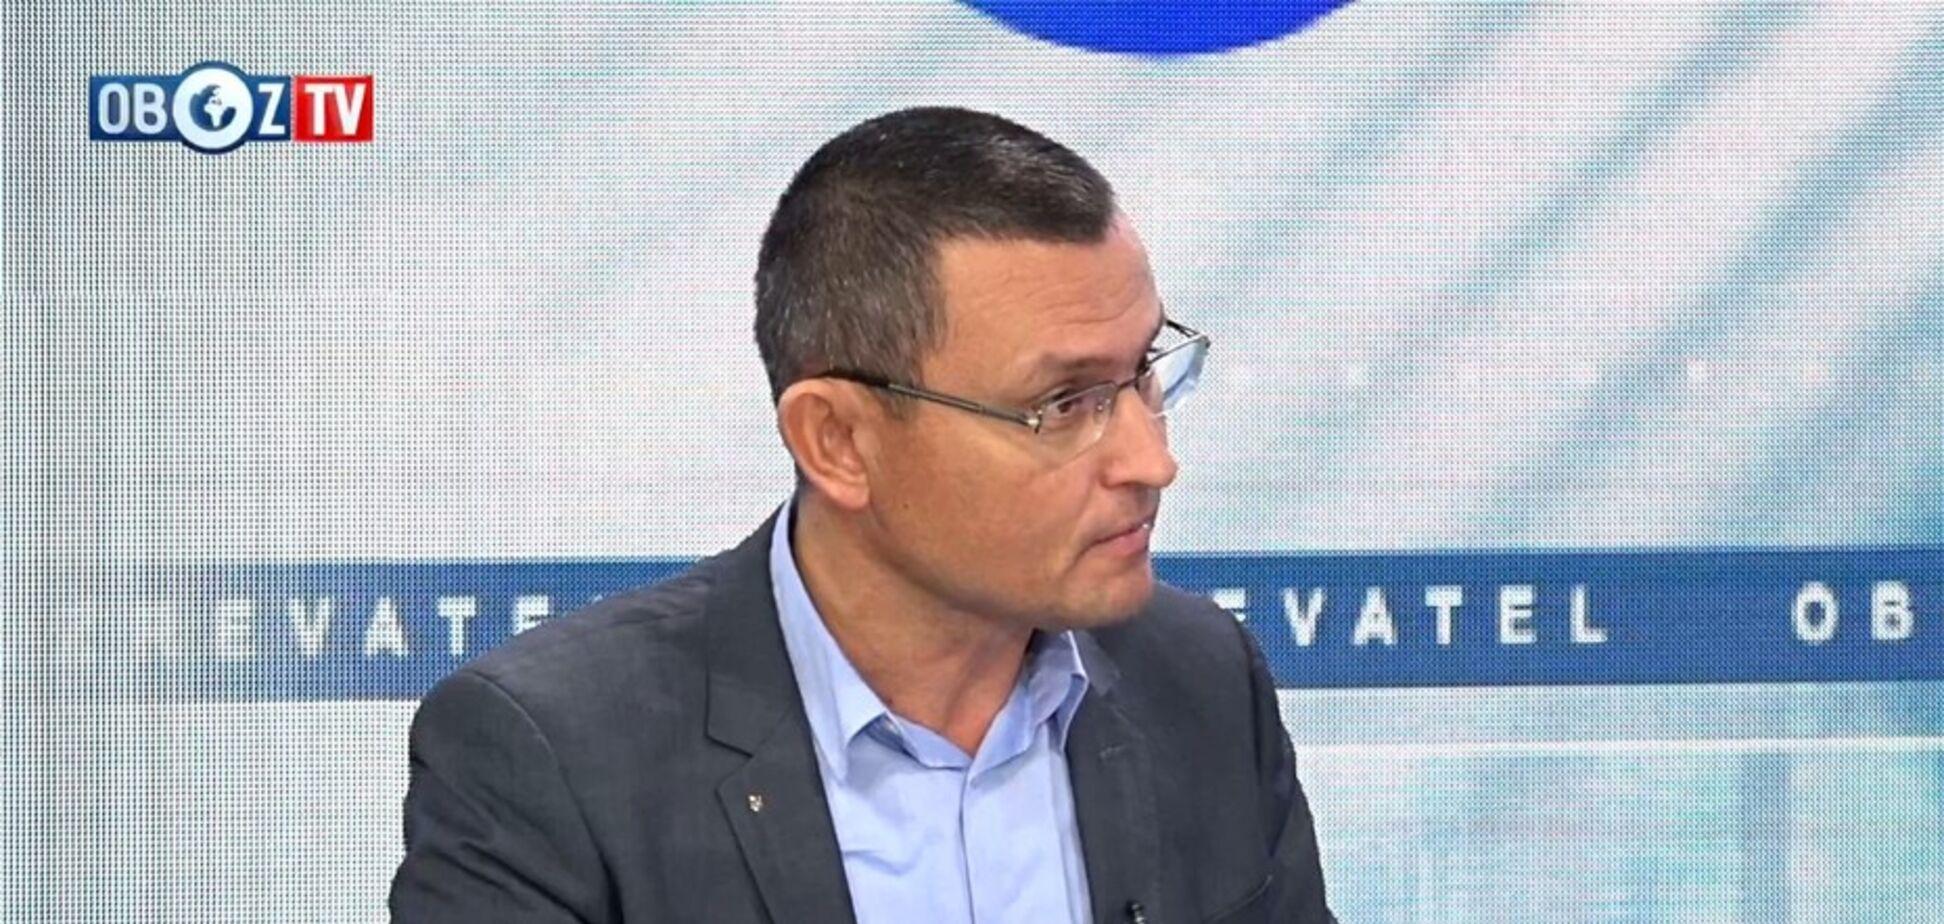 Україна має реагувати на незаконний перетин кордону: військовий експерт